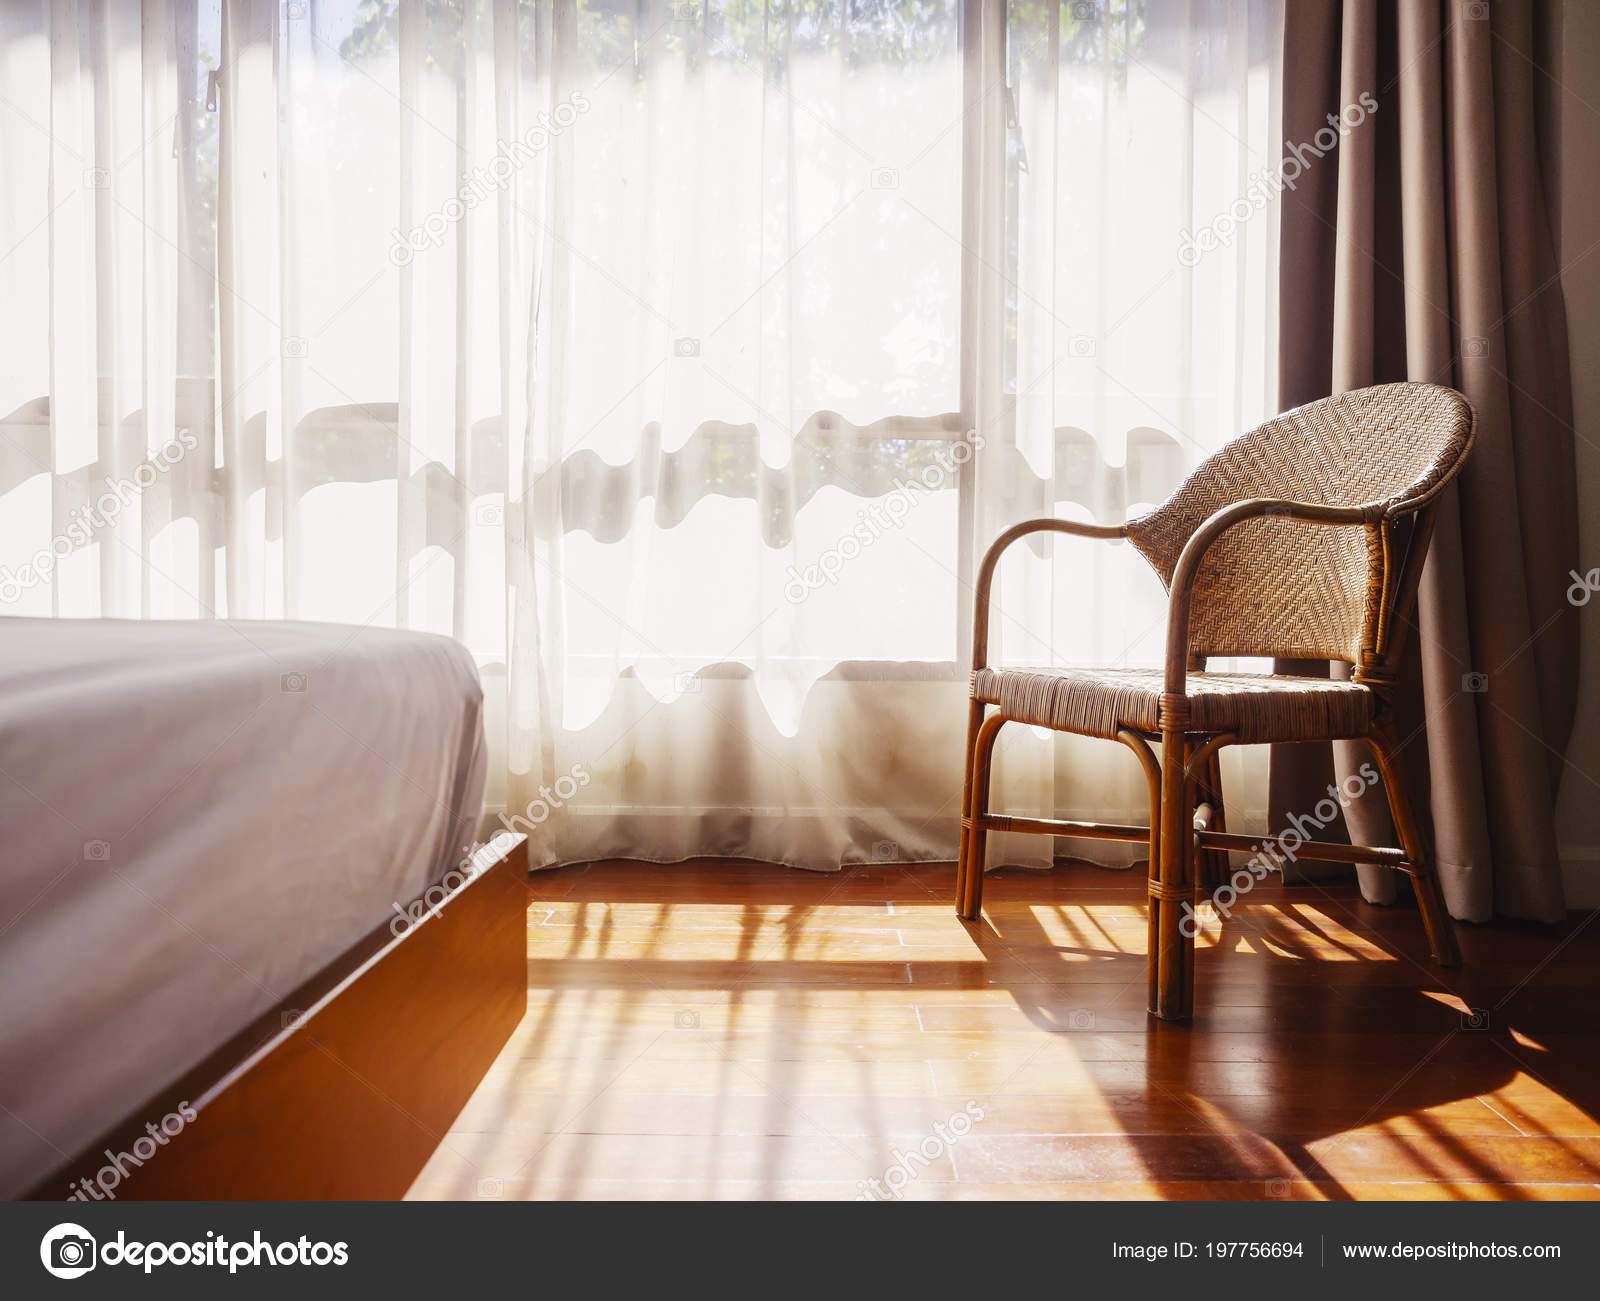 Interieur kamer houten vloer met rotan stoel bed wit gordijn